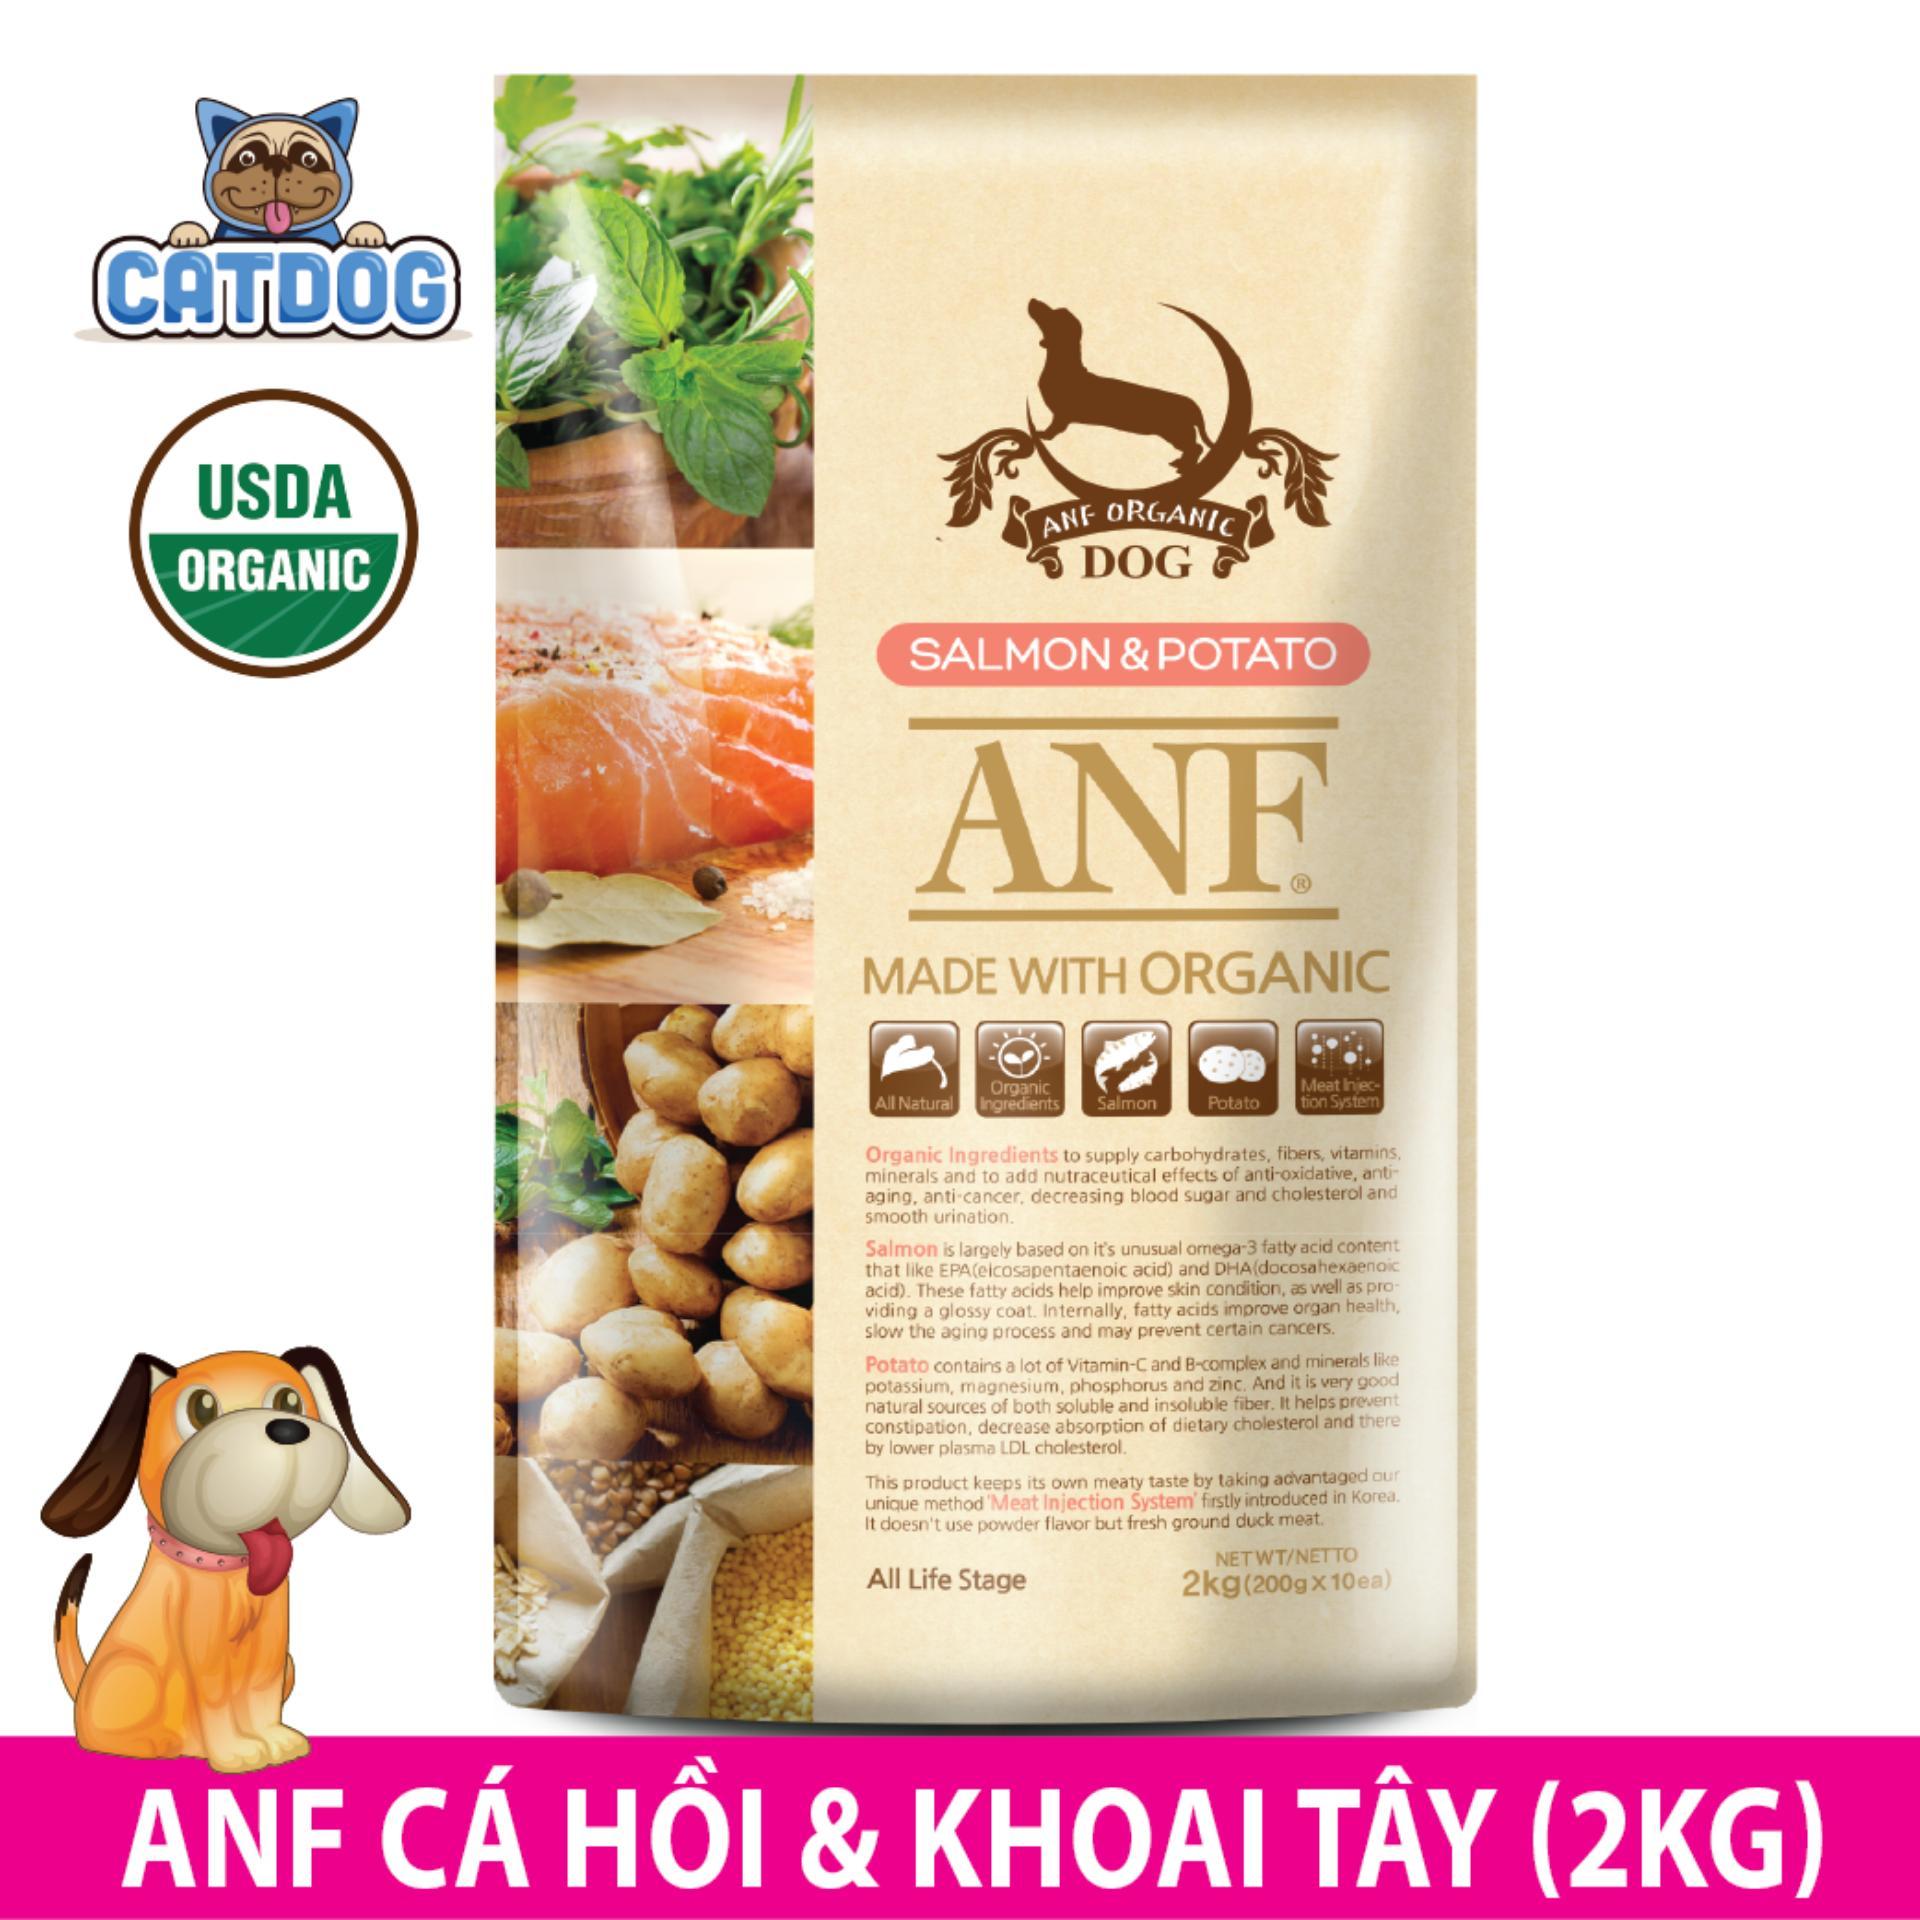 Cửa Hàng Hạt Anf Made With Organic Vị Ca Hồi Va Khoai Tay 2Kg Cho Hà Nội